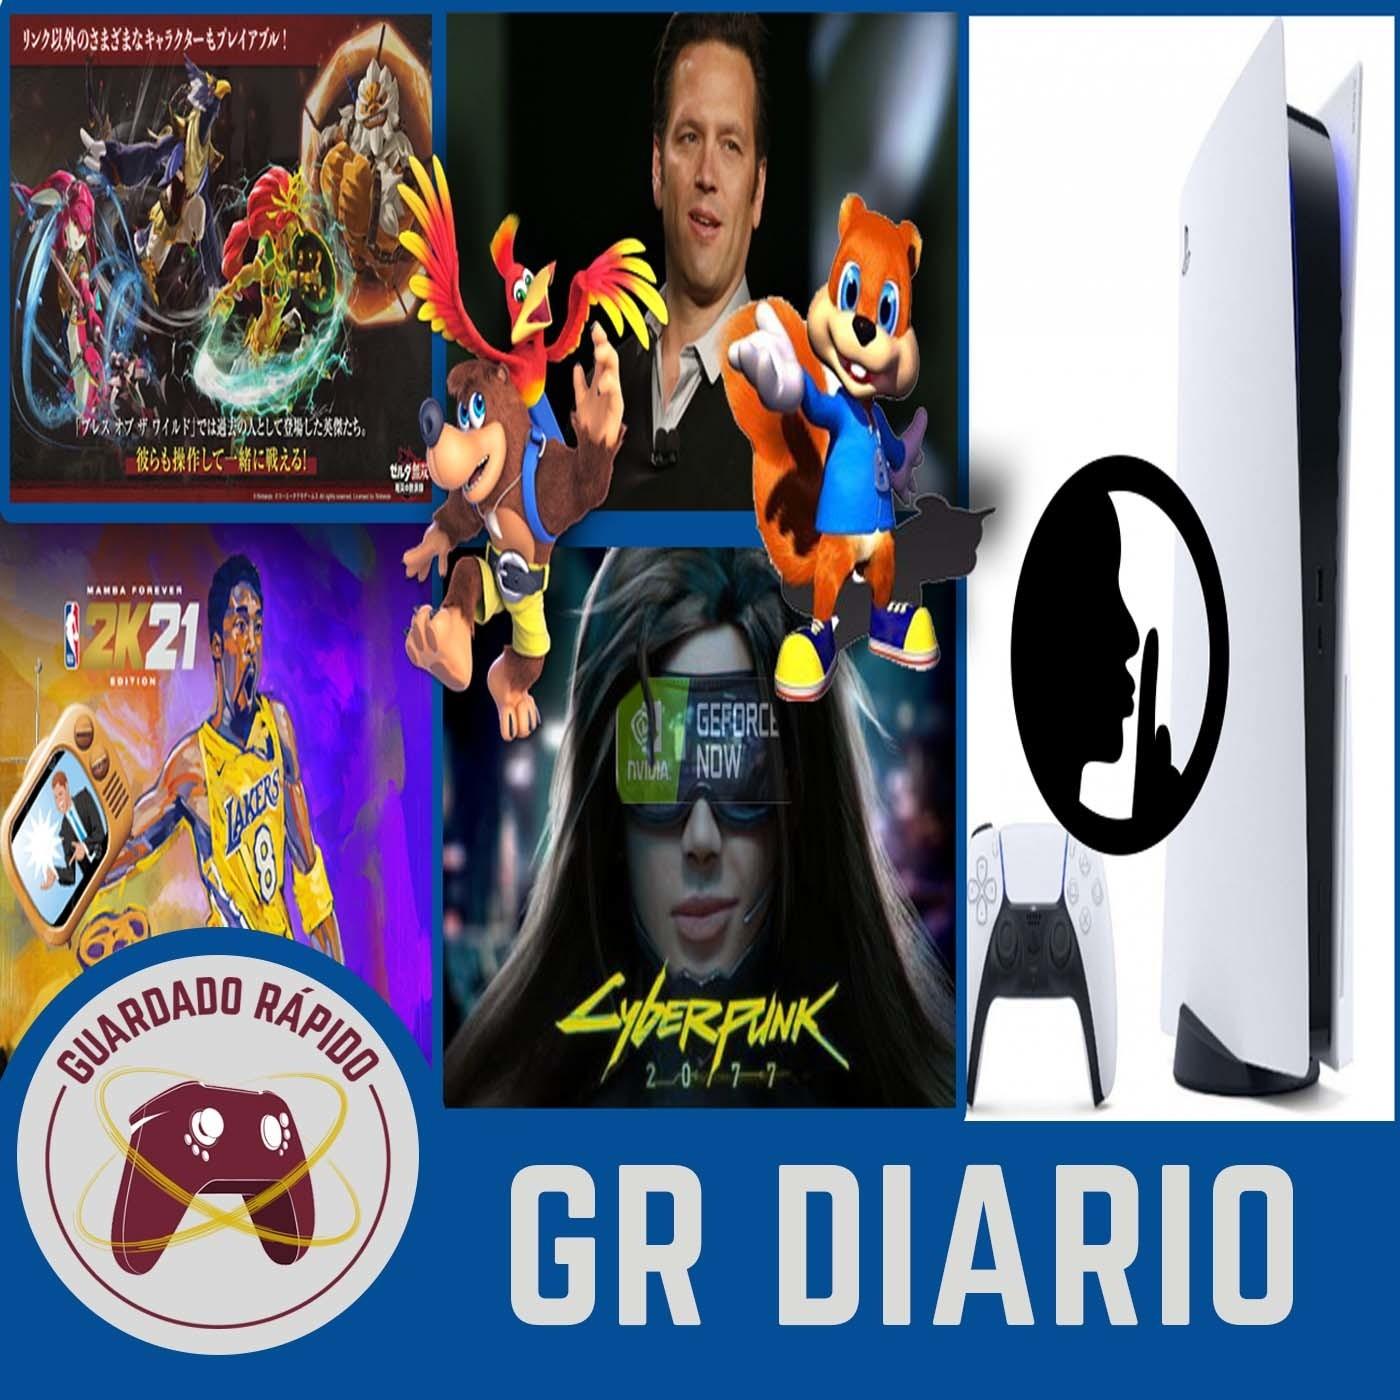 GRD (19/10/20) ¿CONKER y BANJO EN XBOX?   VENTAS SERIES X/S   NBA 2K21 ANUNCIOS   ¿PS5 NOS ESPÍA?